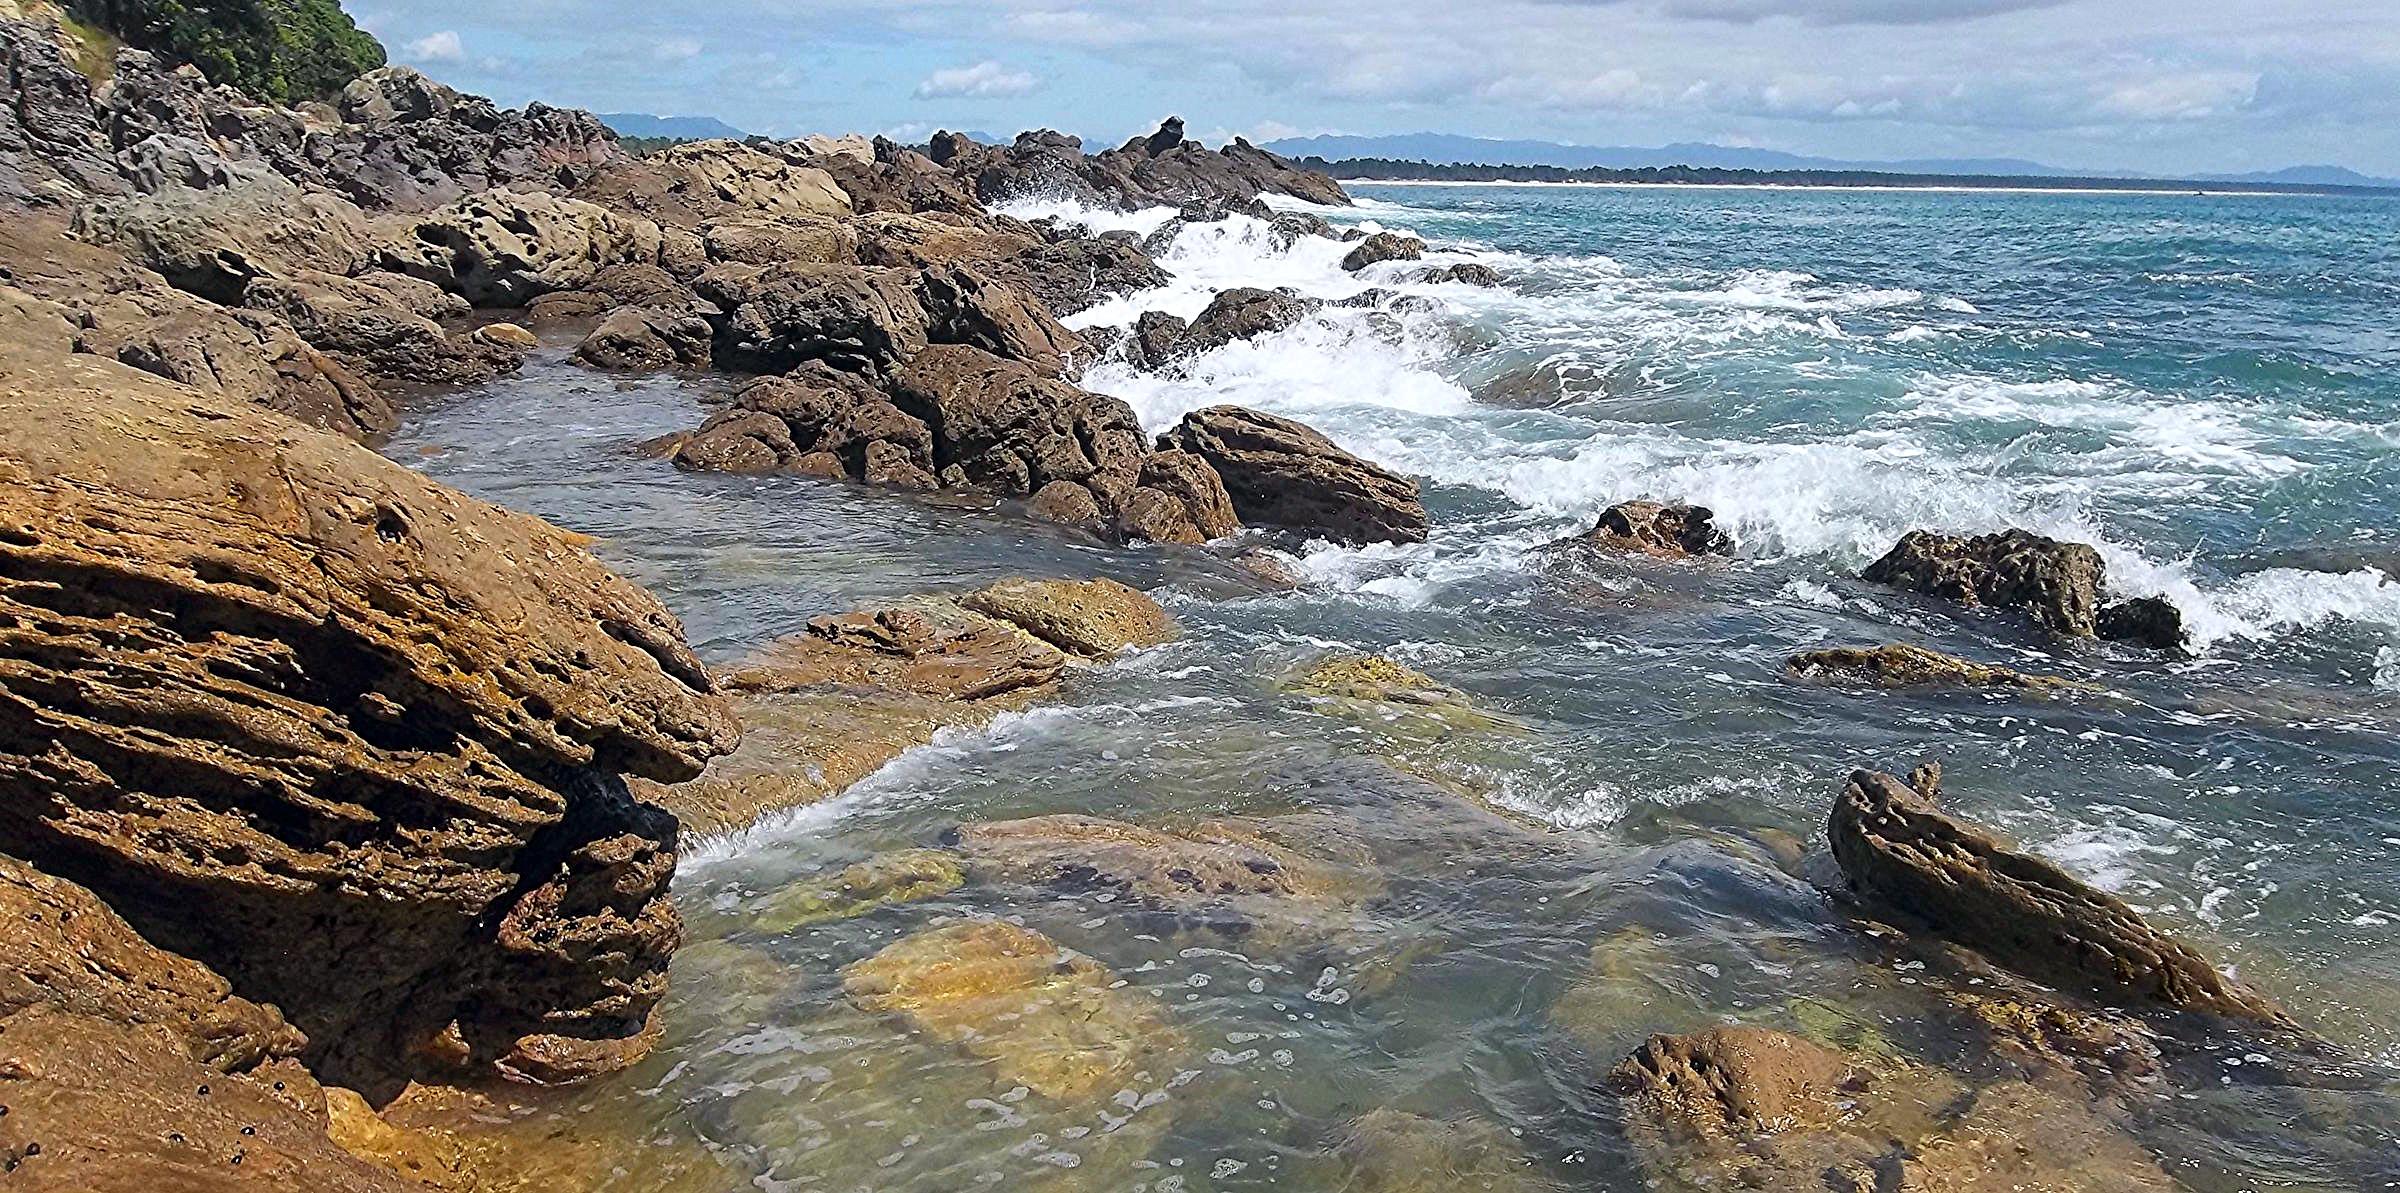 Shell Beach, NZ: Bryan Miller